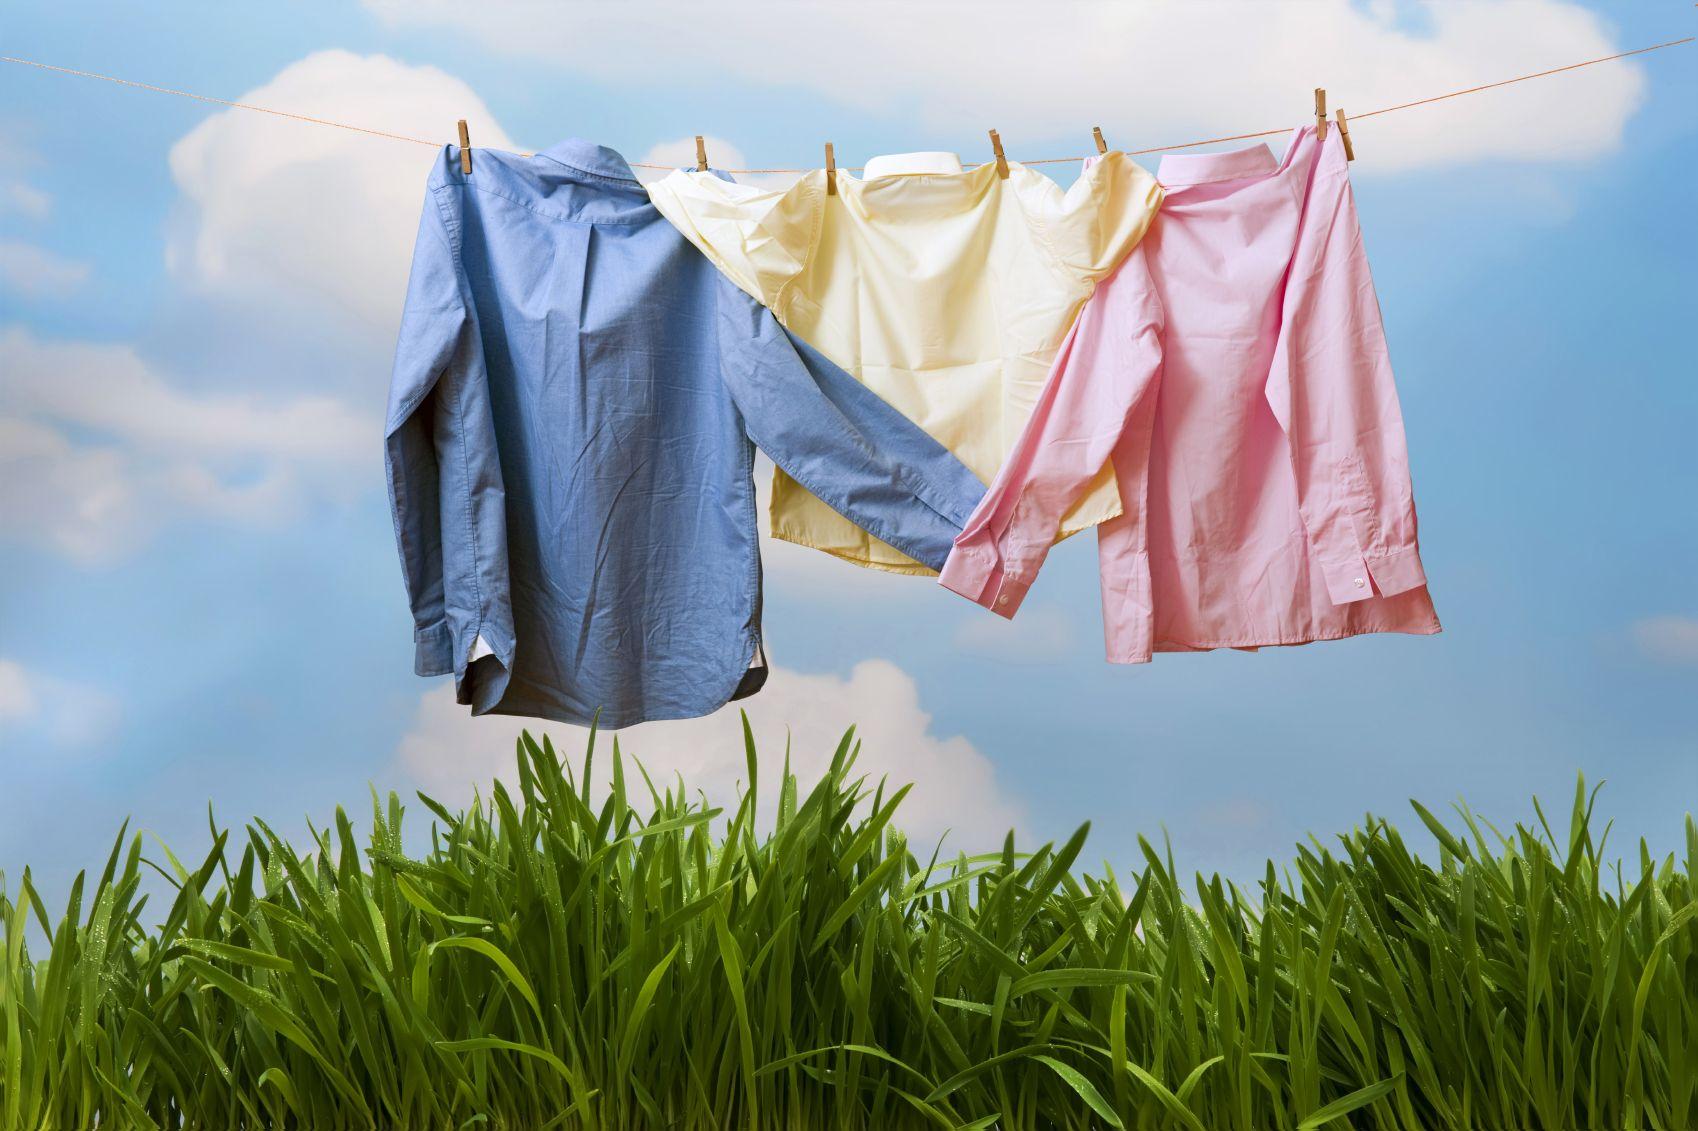 Hasil gambar untuk menjemur pakaian dibawah sinar matahari